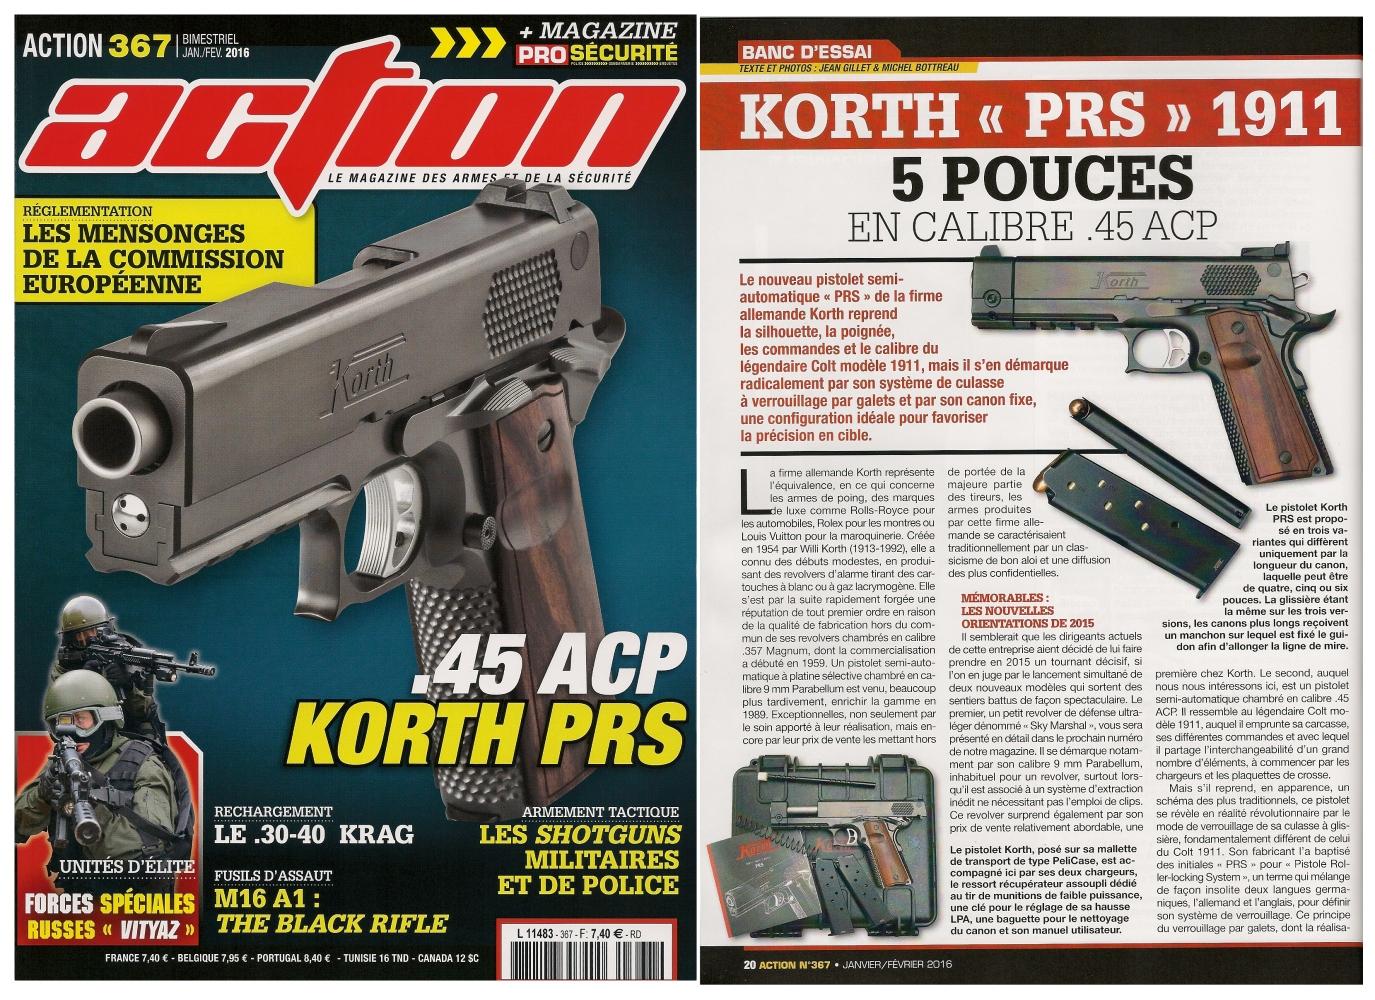 Le banc d'essai du pistolet Korth PRS 1911 a été publié sur 6 pages dans le magazine Action n°367 (janvier-février 2016).